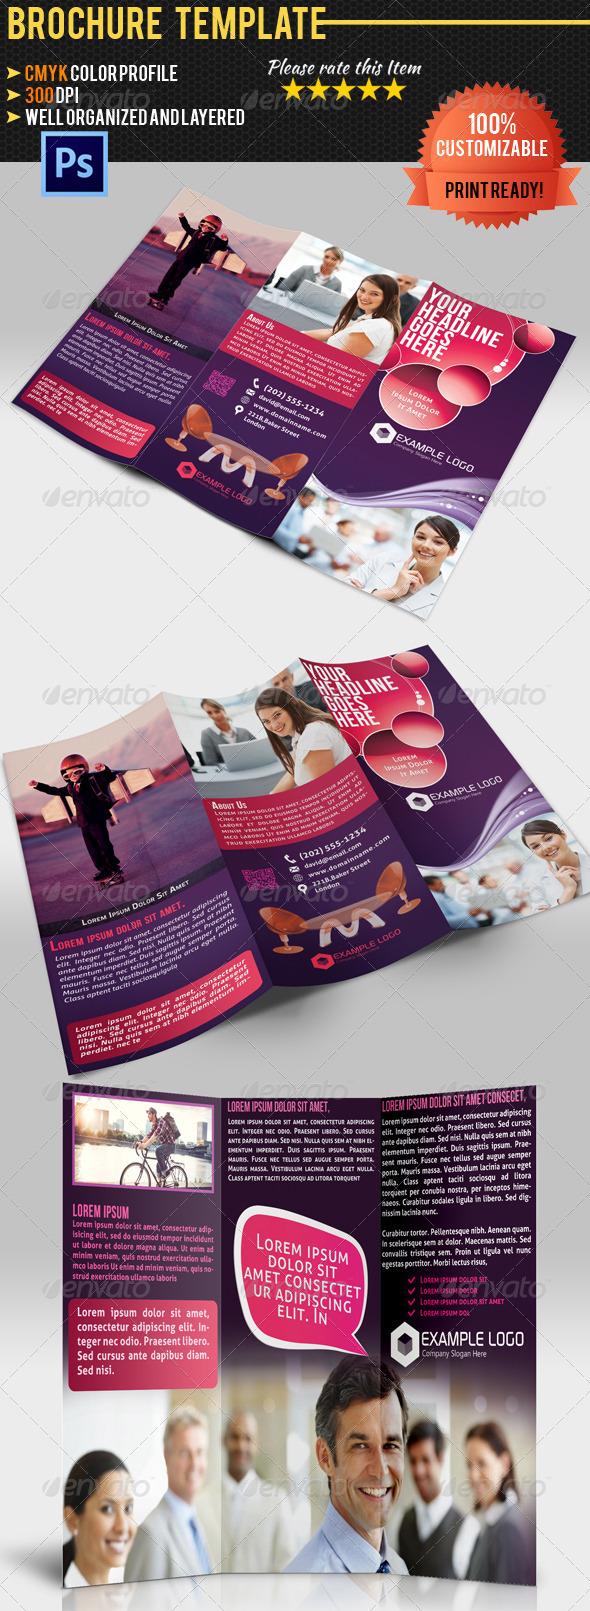 GraphicRiver Tri-Fold Corporate Business Brochure 4567710